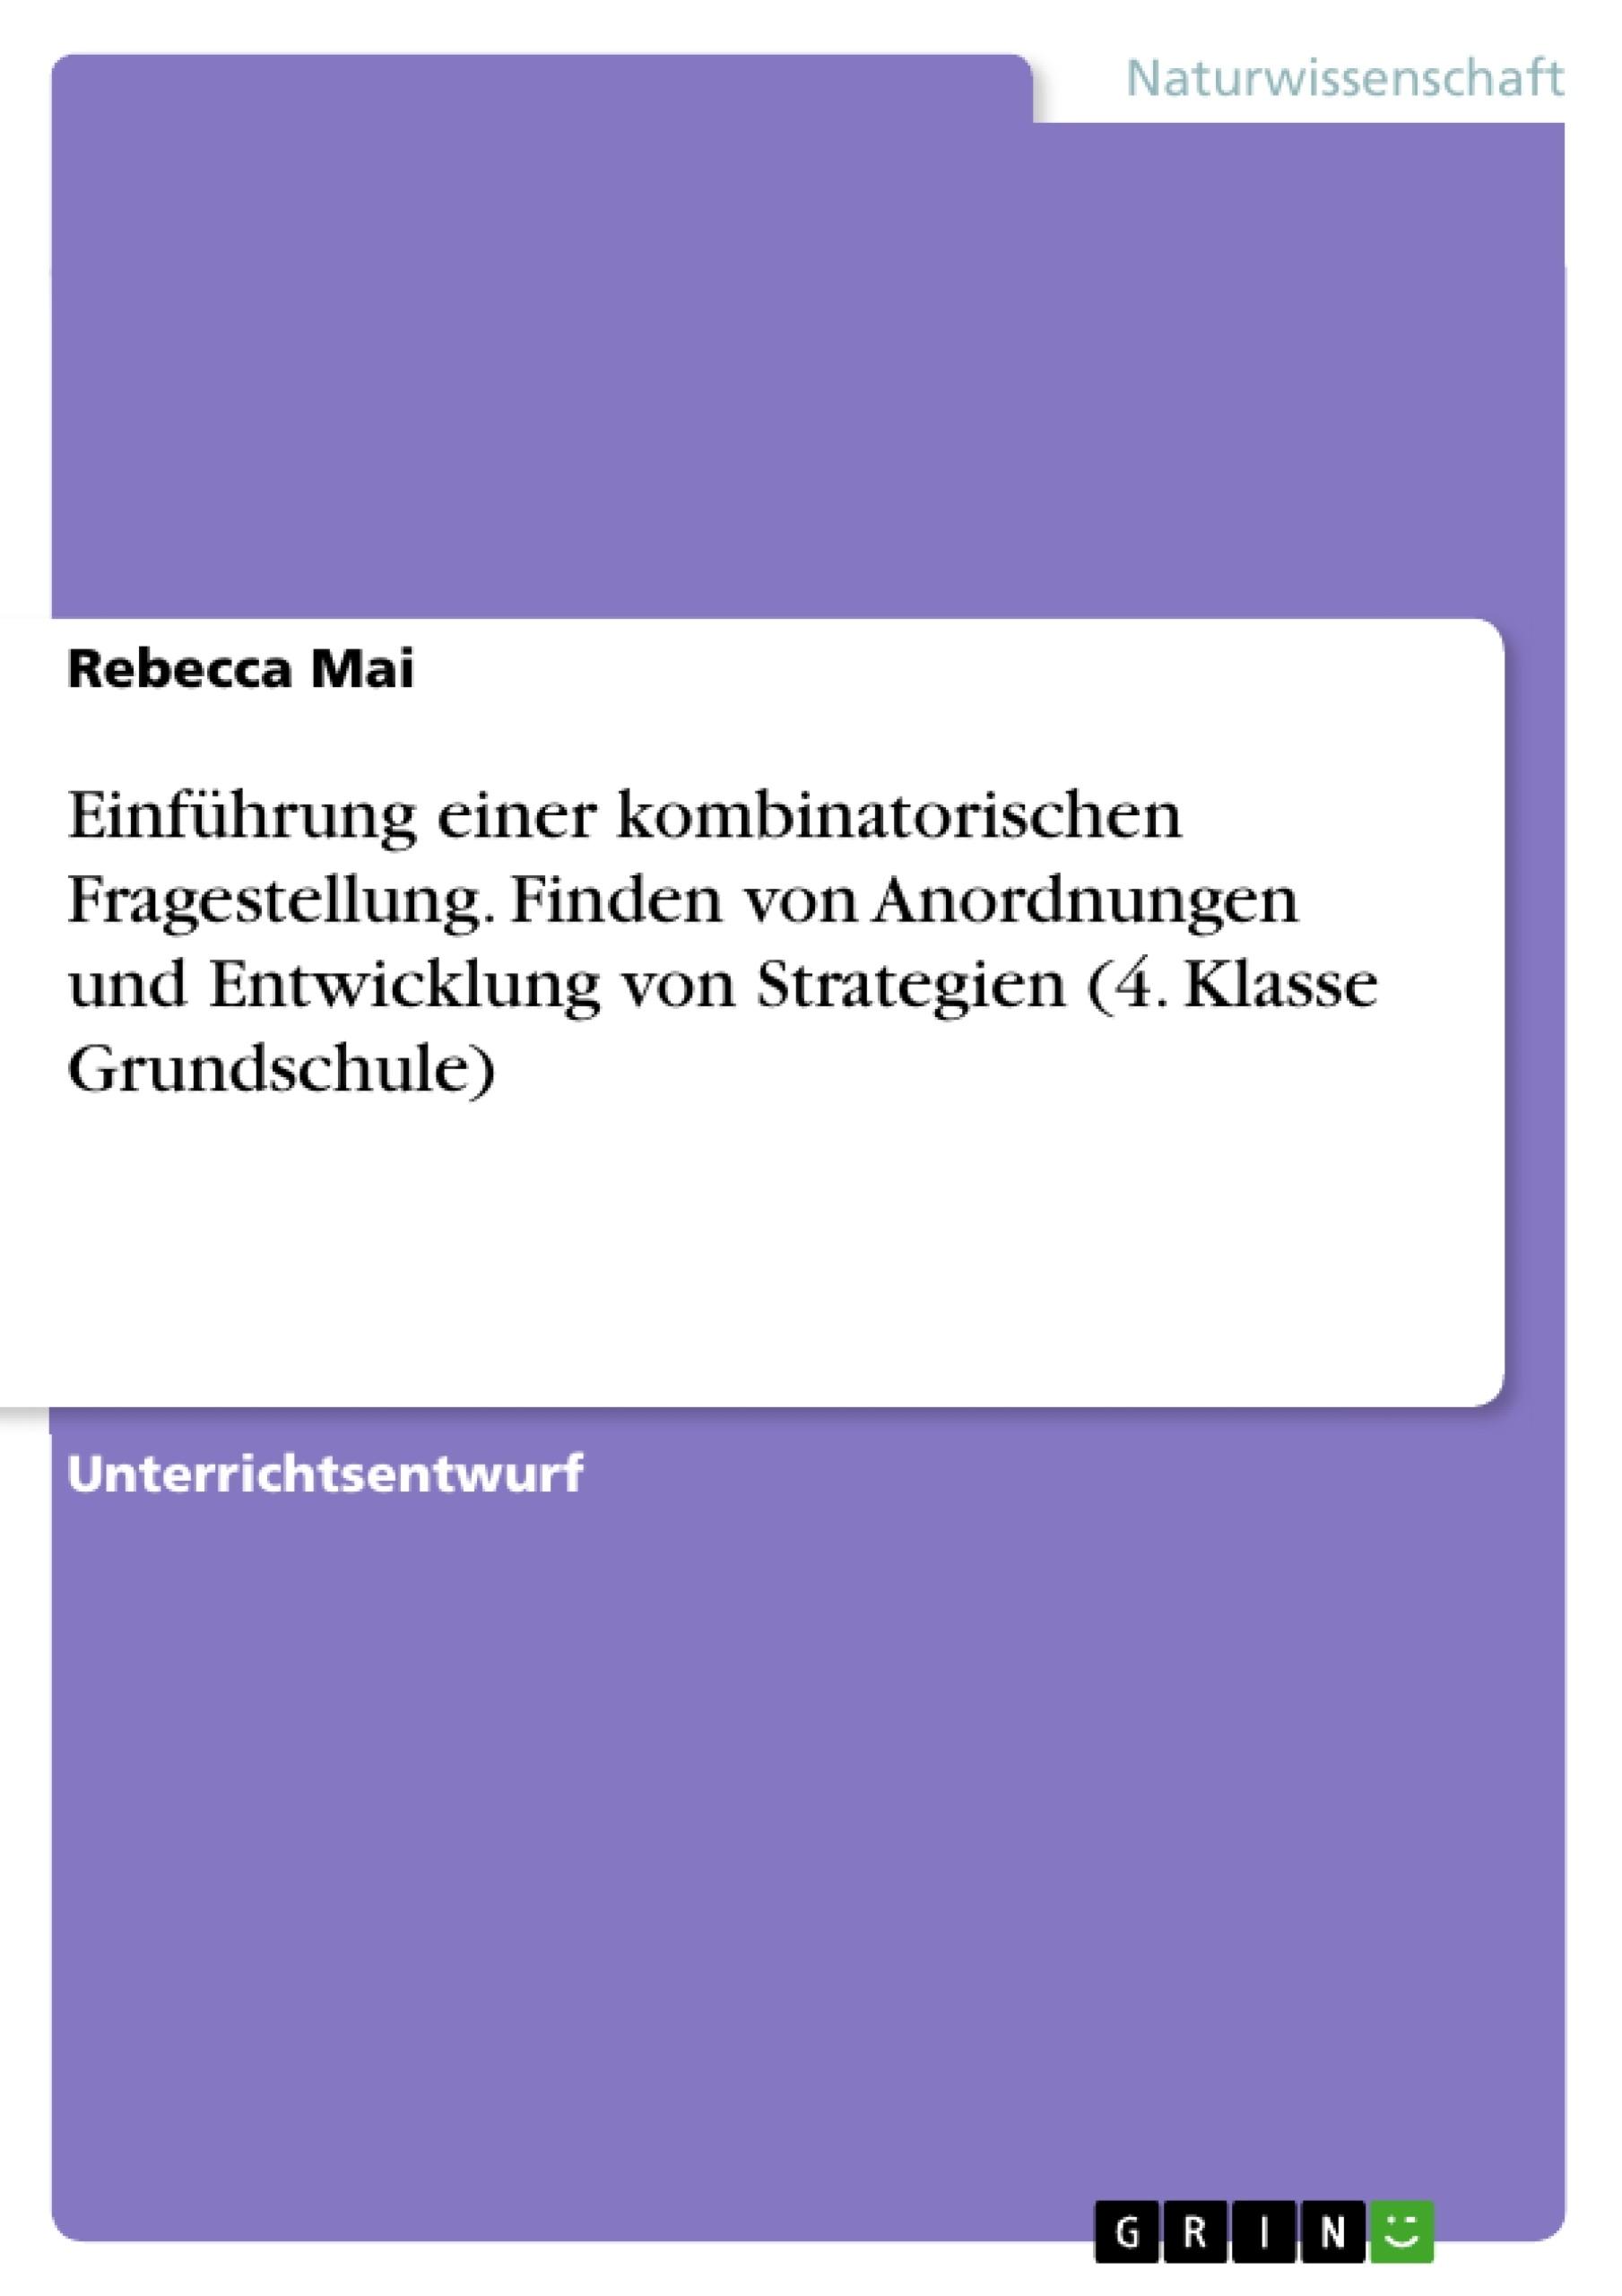 Titel: Einführung einer kombinatorischen Fragestellung. Finden von Anordnungen und Entwicklung von Strategien (4. Klasse Grundschule)